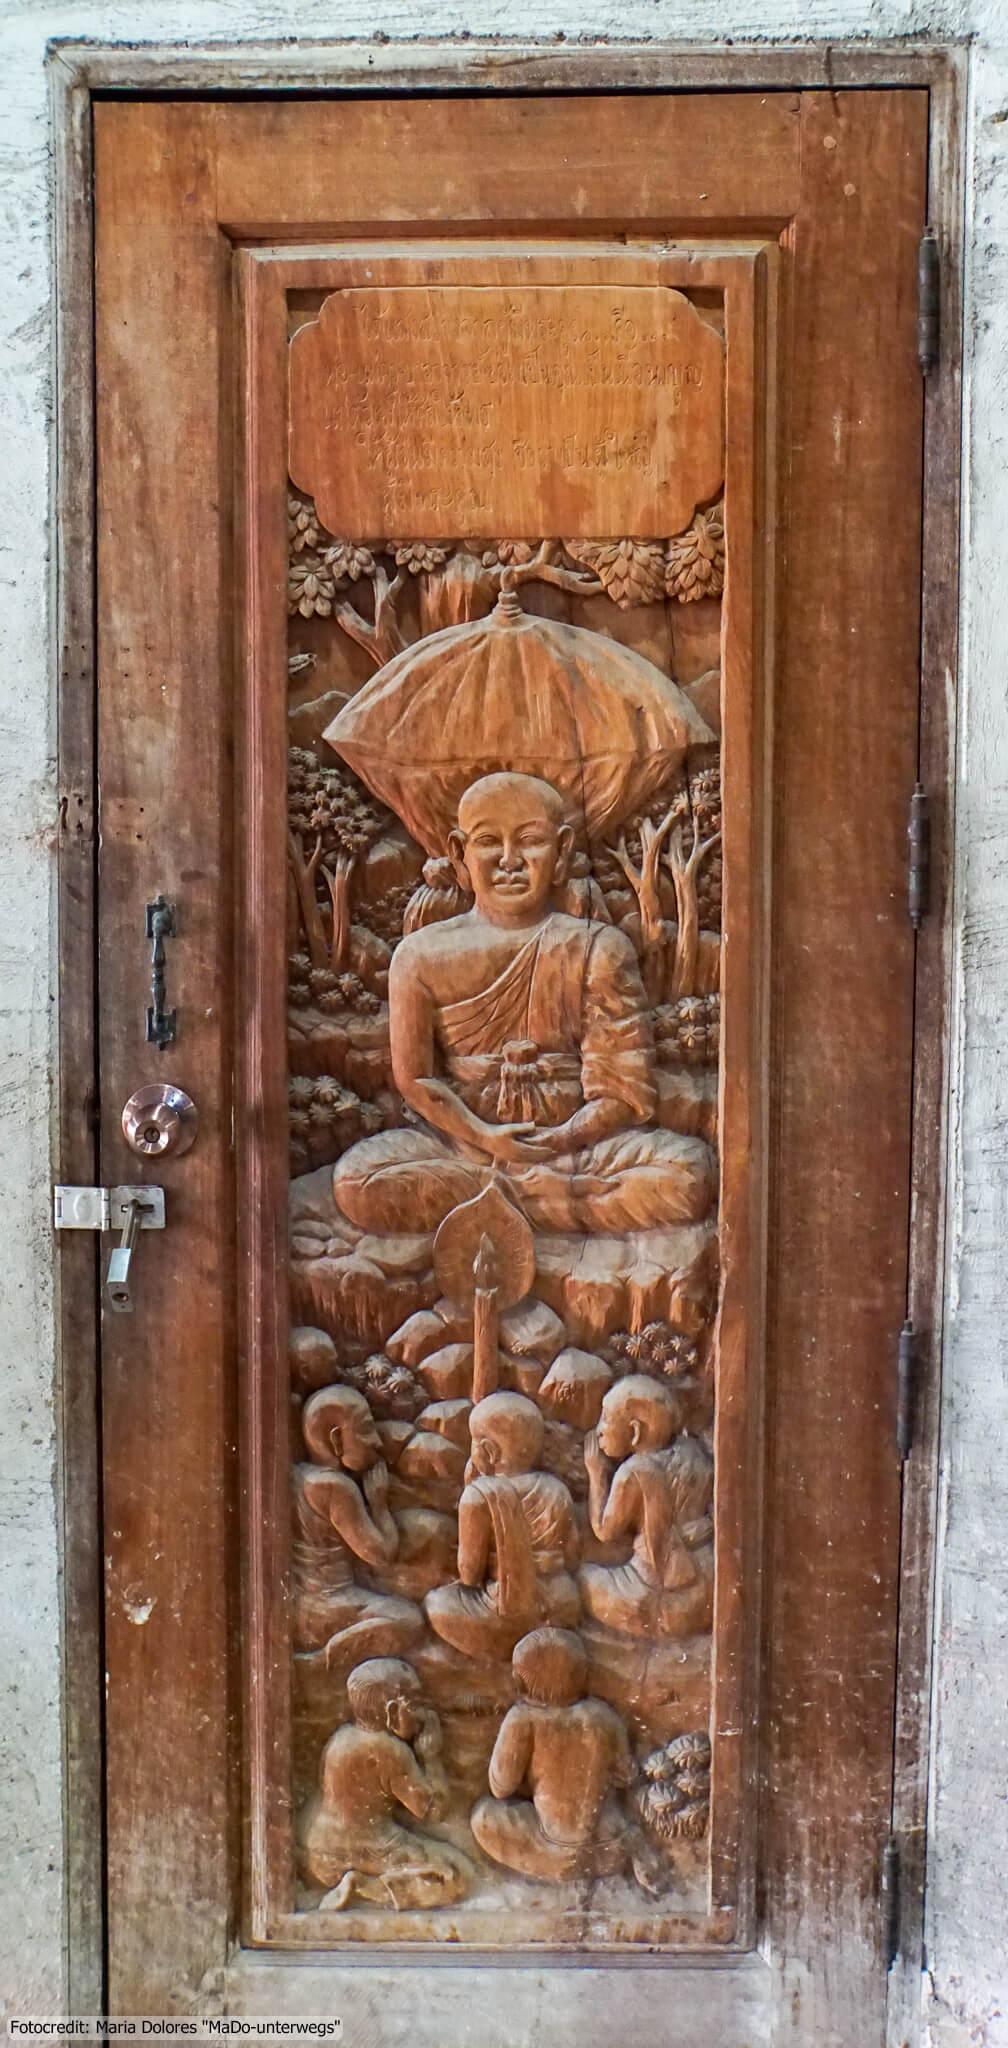 Wat Samphran (Drachentempel) in Nakhon Pathom - Holztüre mit Schnitzereien (Reisetagebuch «Thailand als Alleinreisende ohne Roller entdecken»)